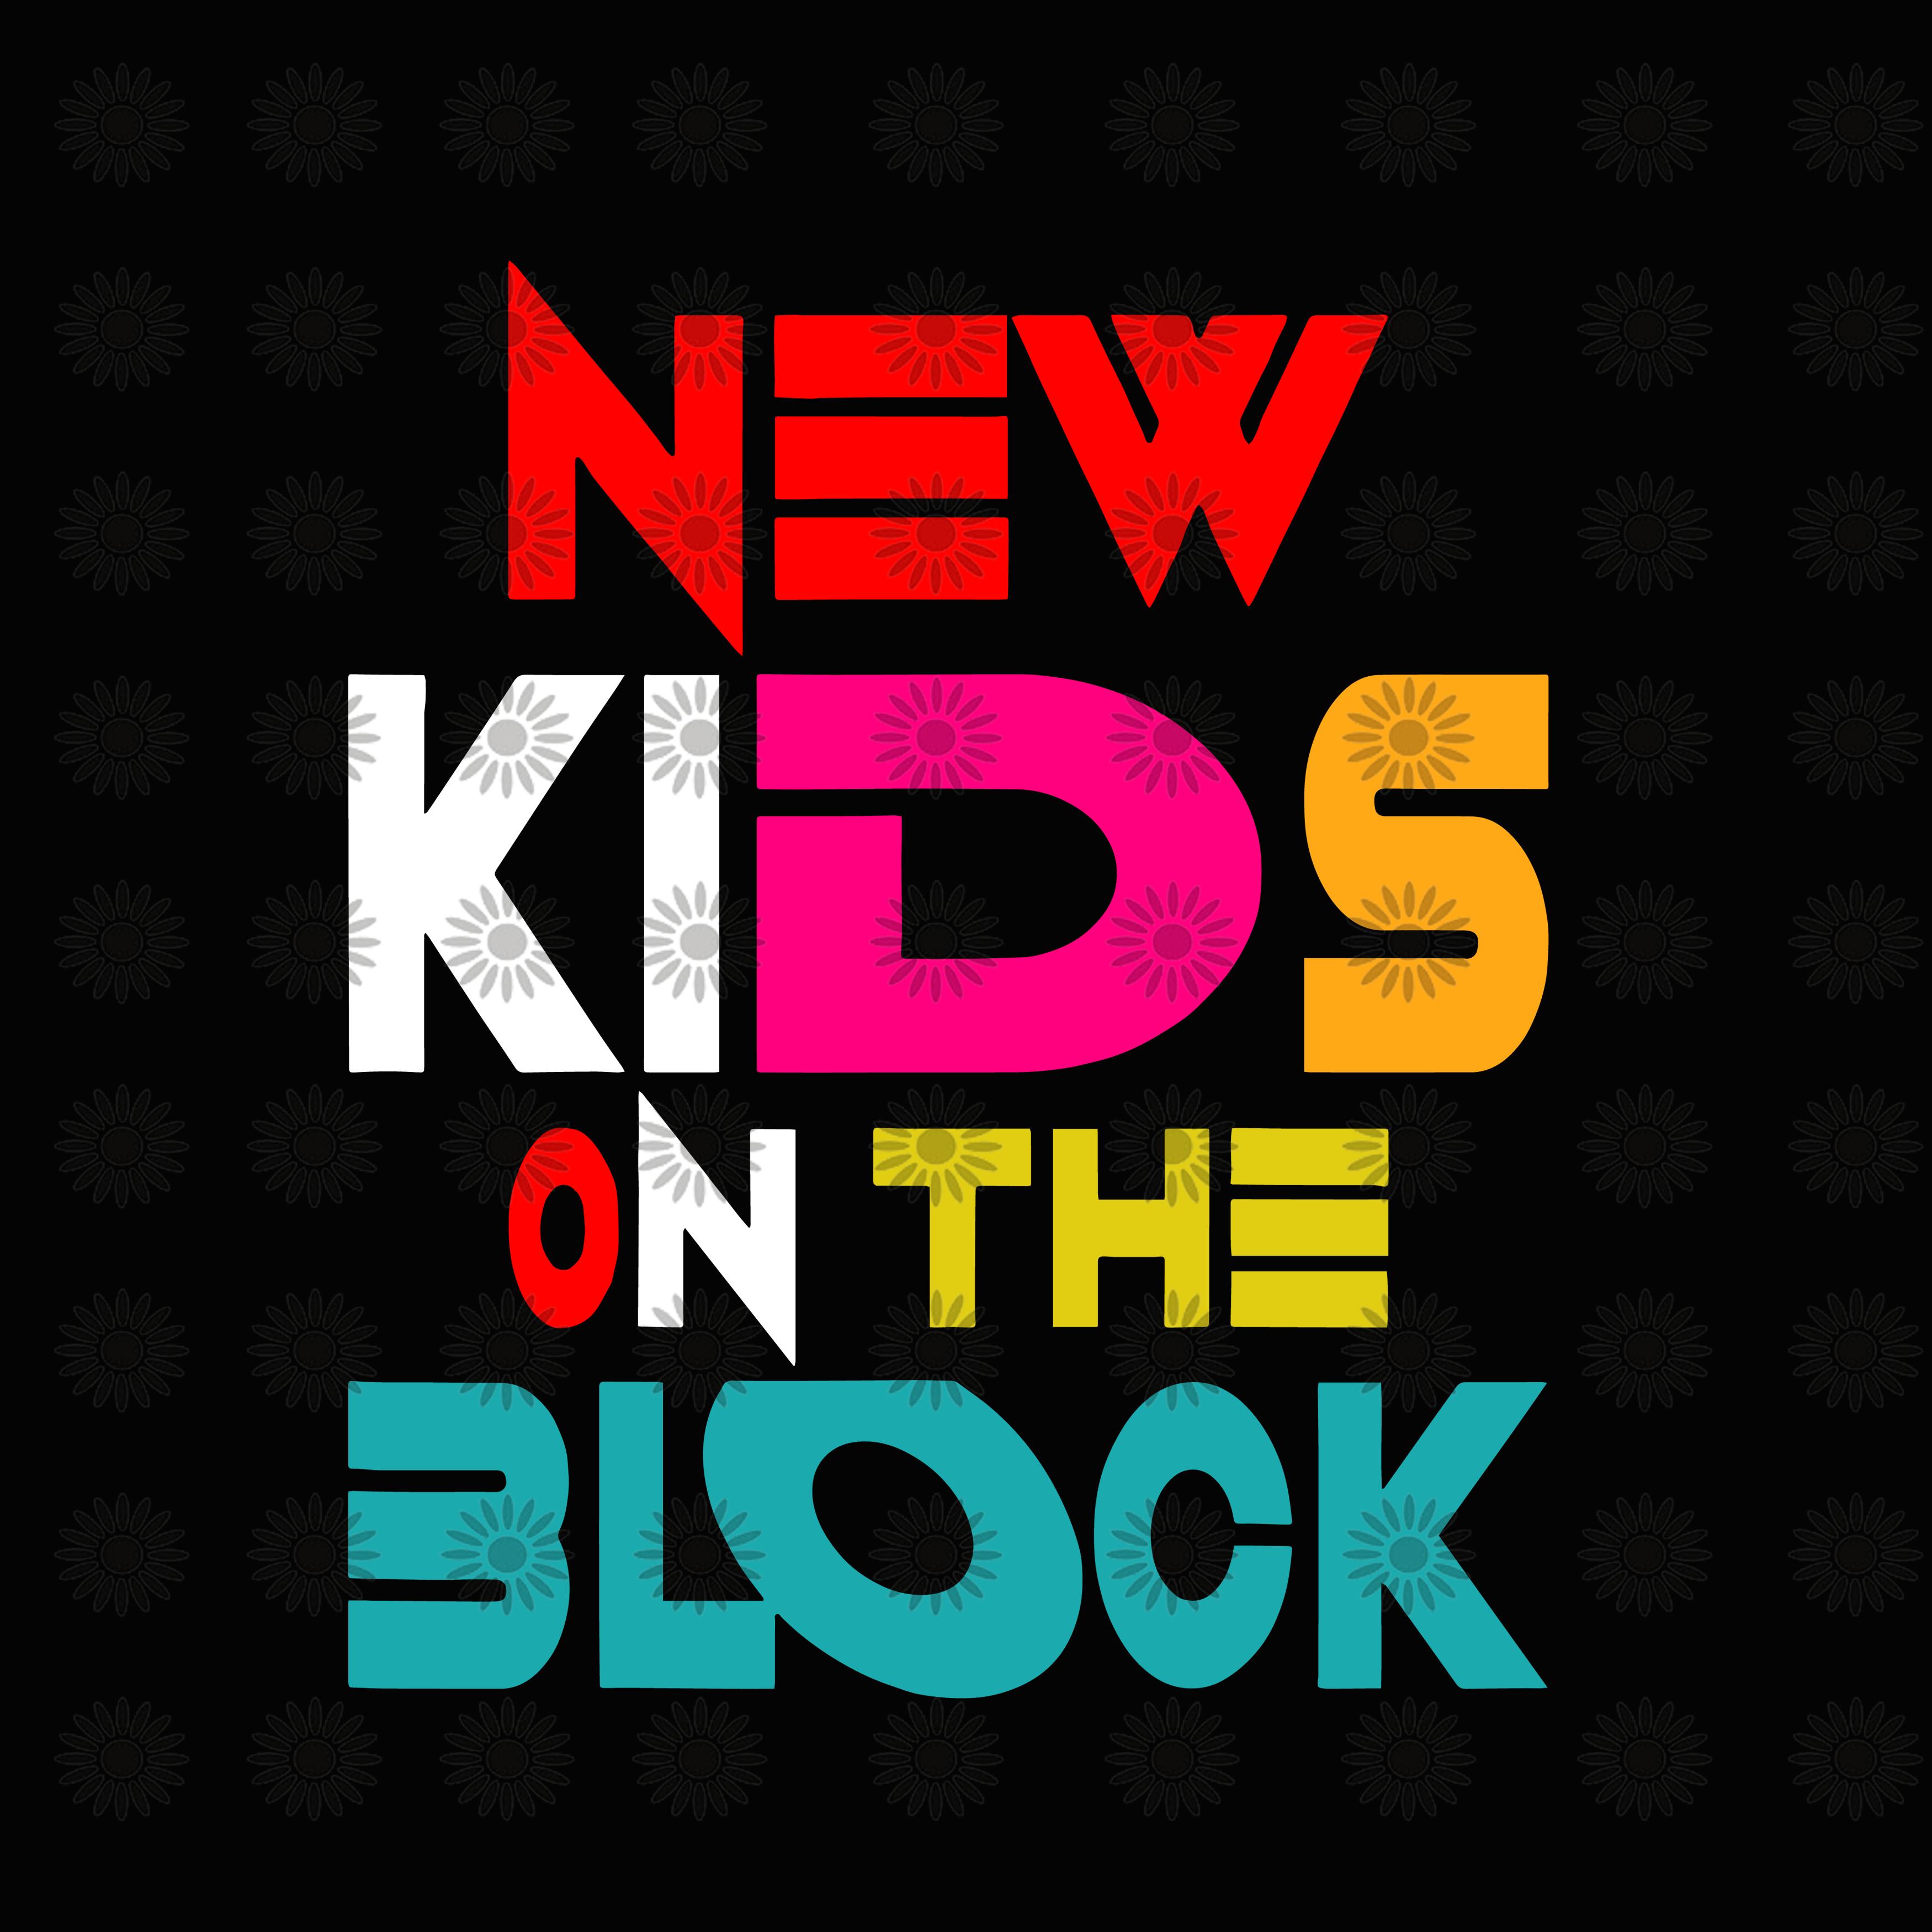 NKOTB Svg, New Kids On The Block Svg,Still By Shopsvgpro